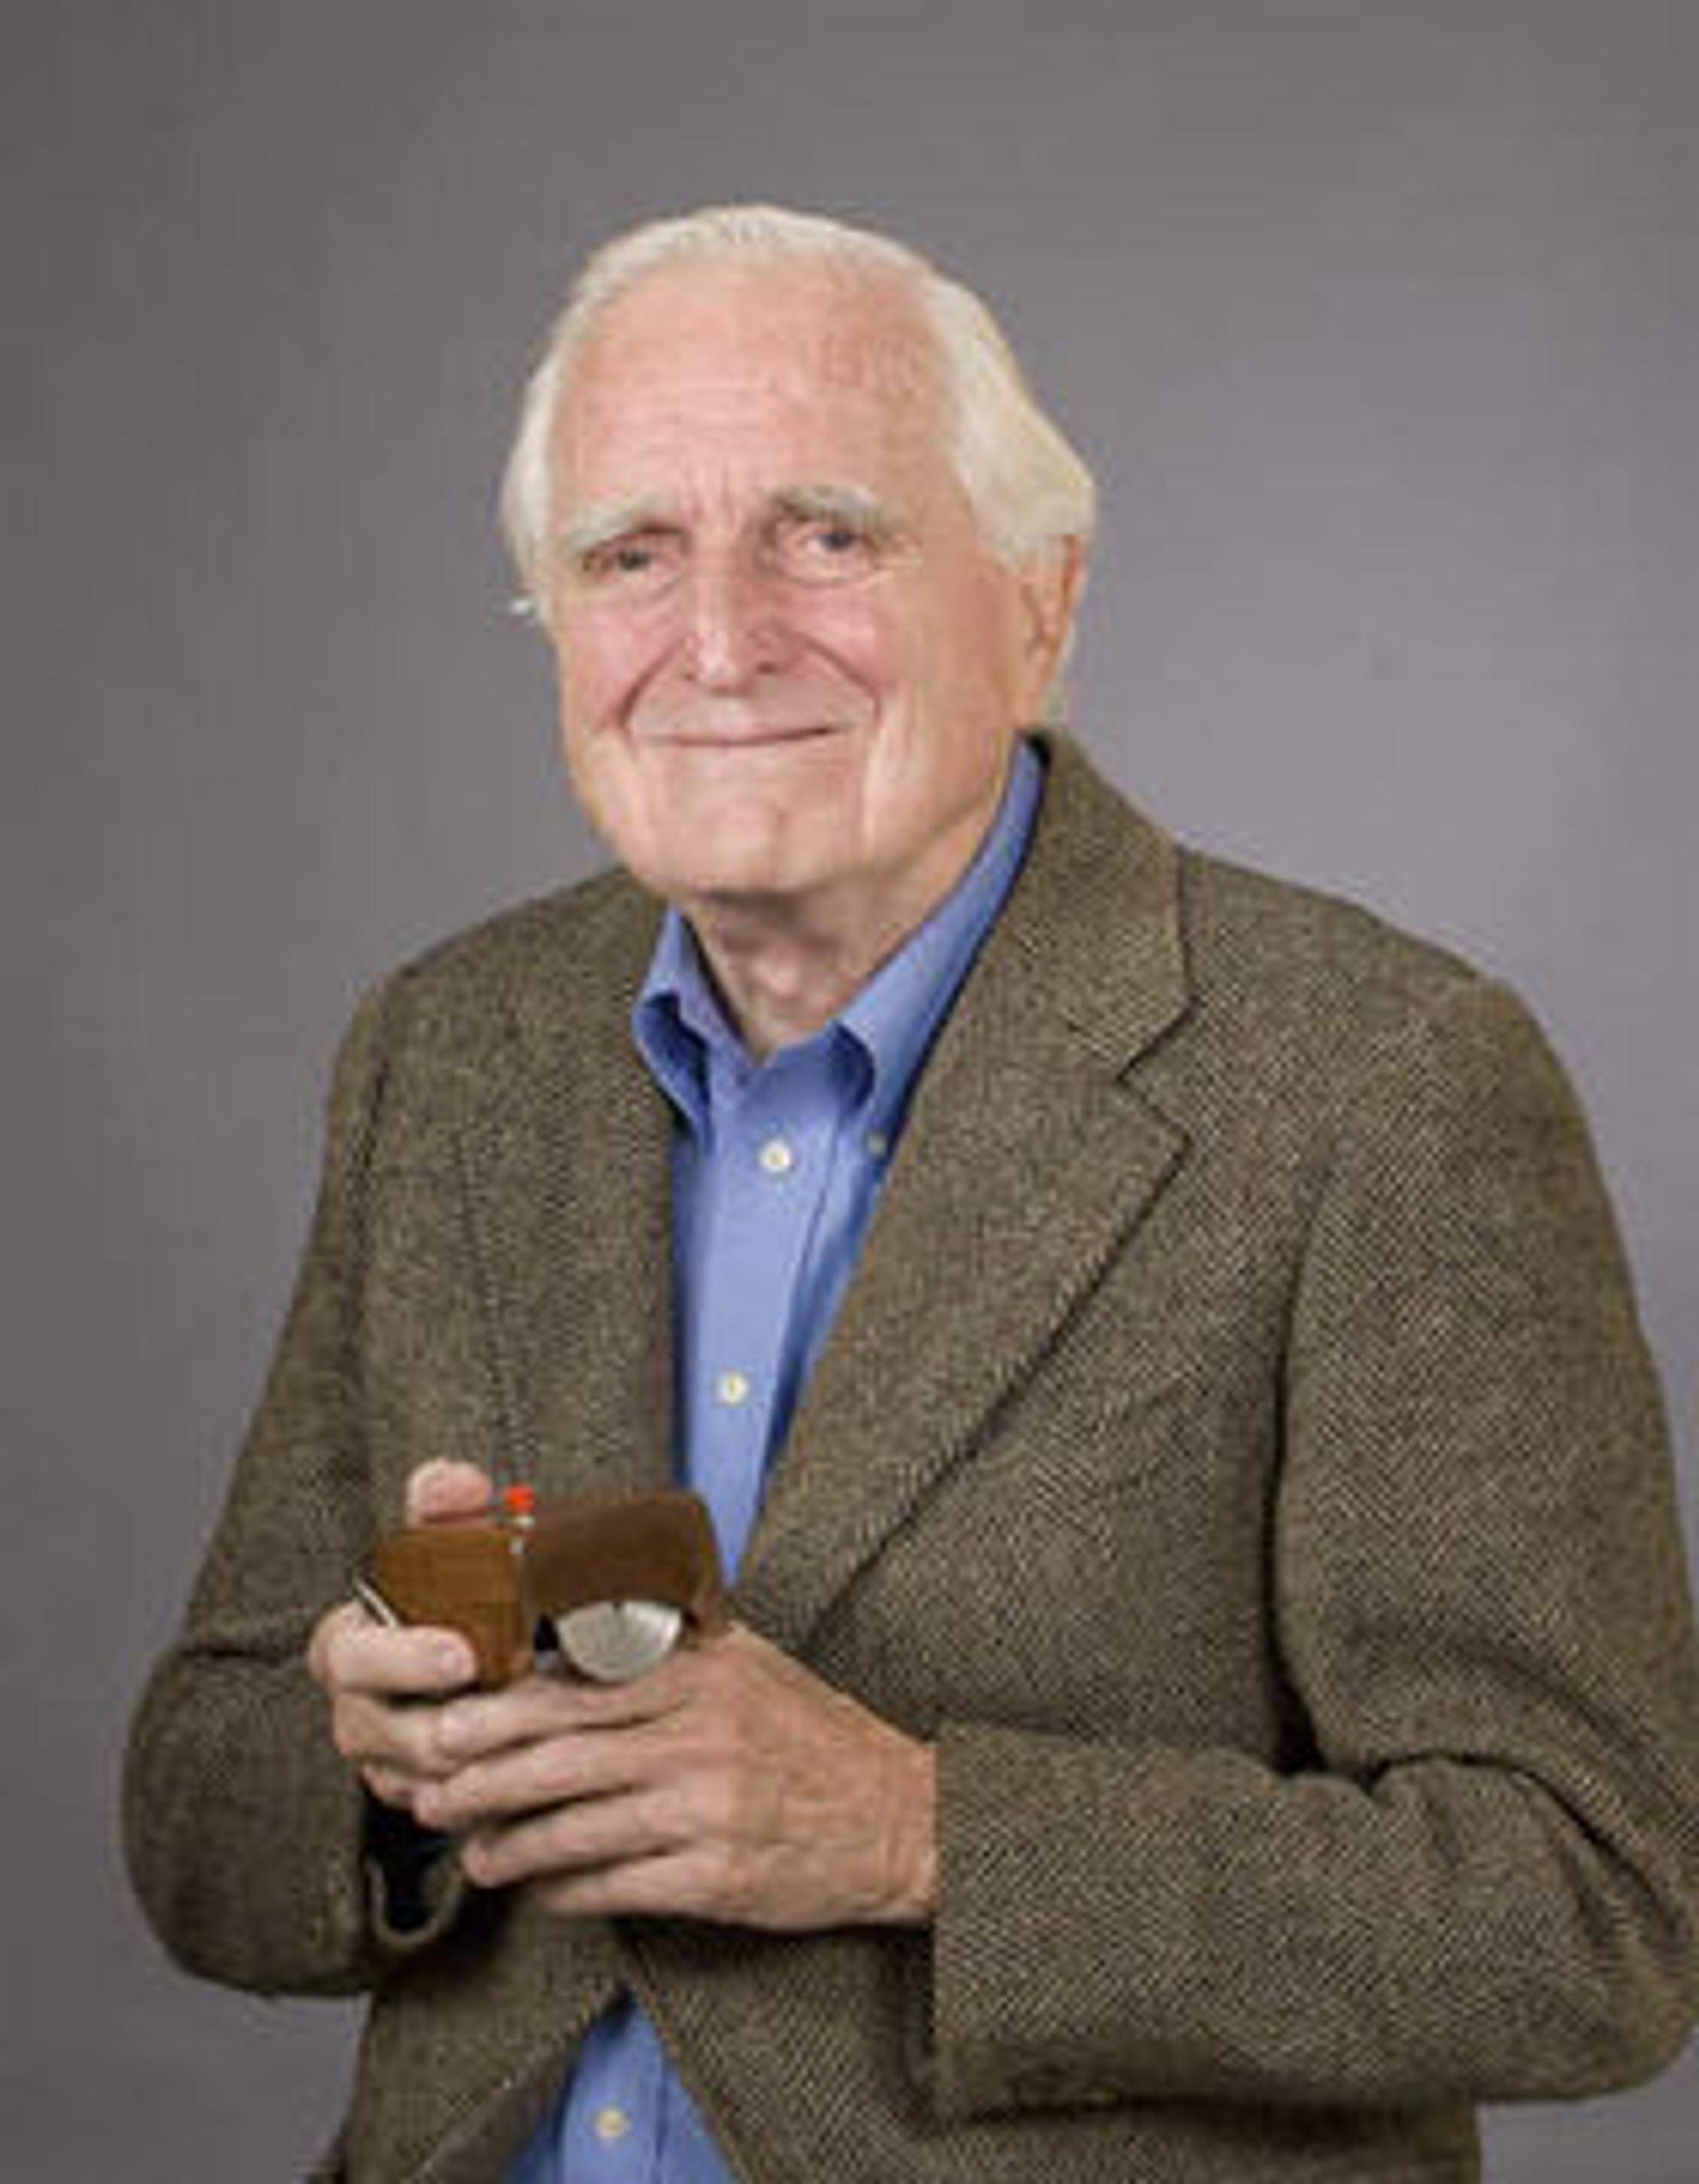 Douglas «Doug» Engelbart gikk bort tirsdag, 88 år gammel. Få har satt sitt spor så tydelig på det moderne samfunn som han. På bildet viser han frem sin mest kjente oppfinnelse, musen.